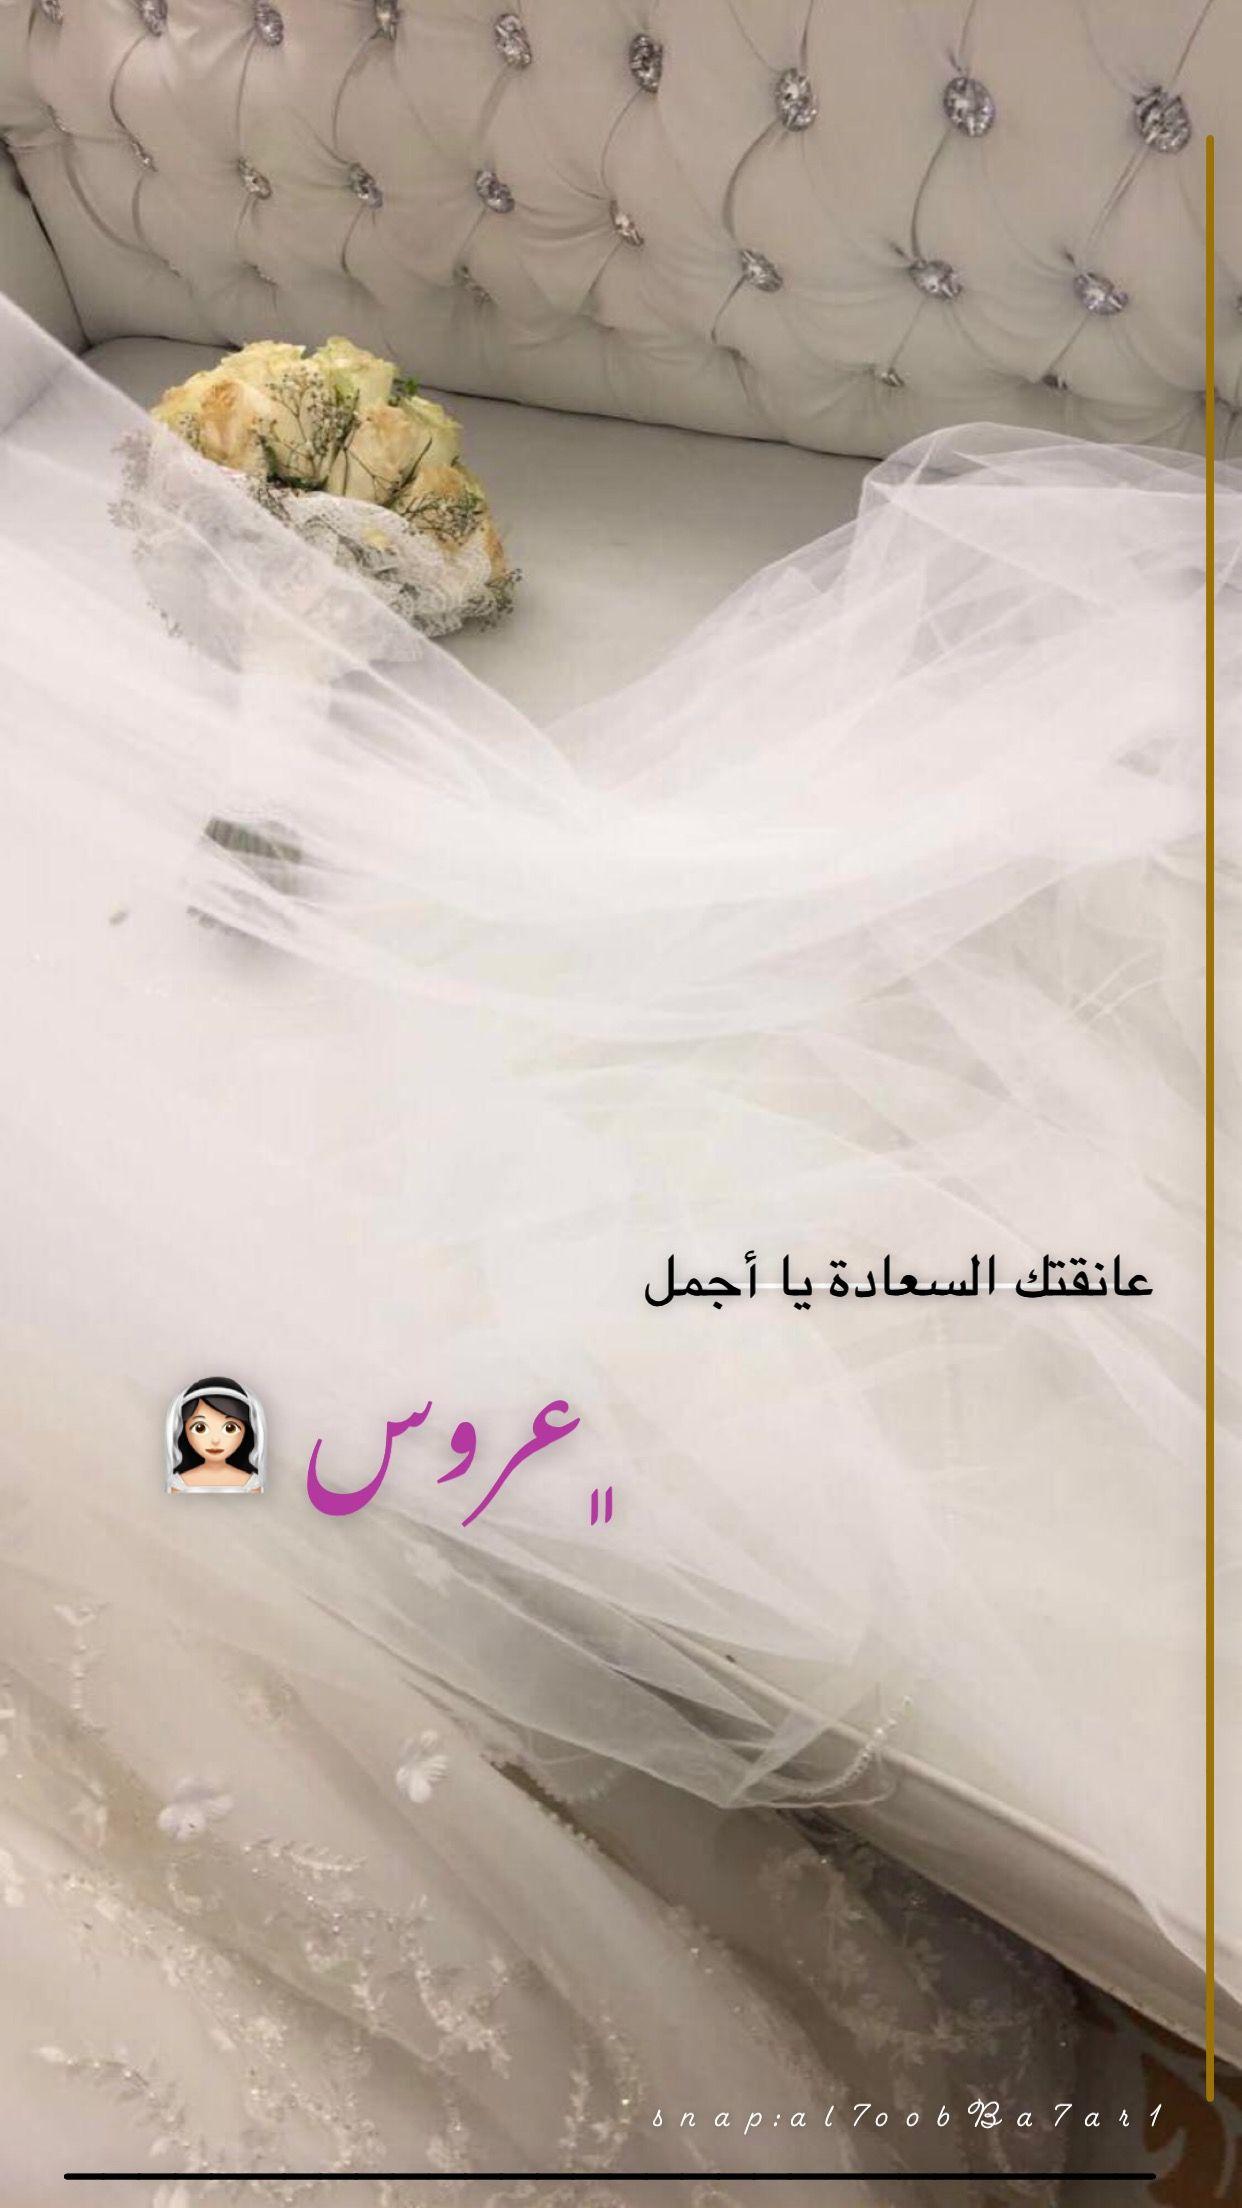 همسة عانقتك السعادة يا أجمل عروس تصويري تصويري سناب تصميمي تصميم عروس طرحة كوشه الخبر Arab Wedding Wedding Snapchat Wedding Photos Poses